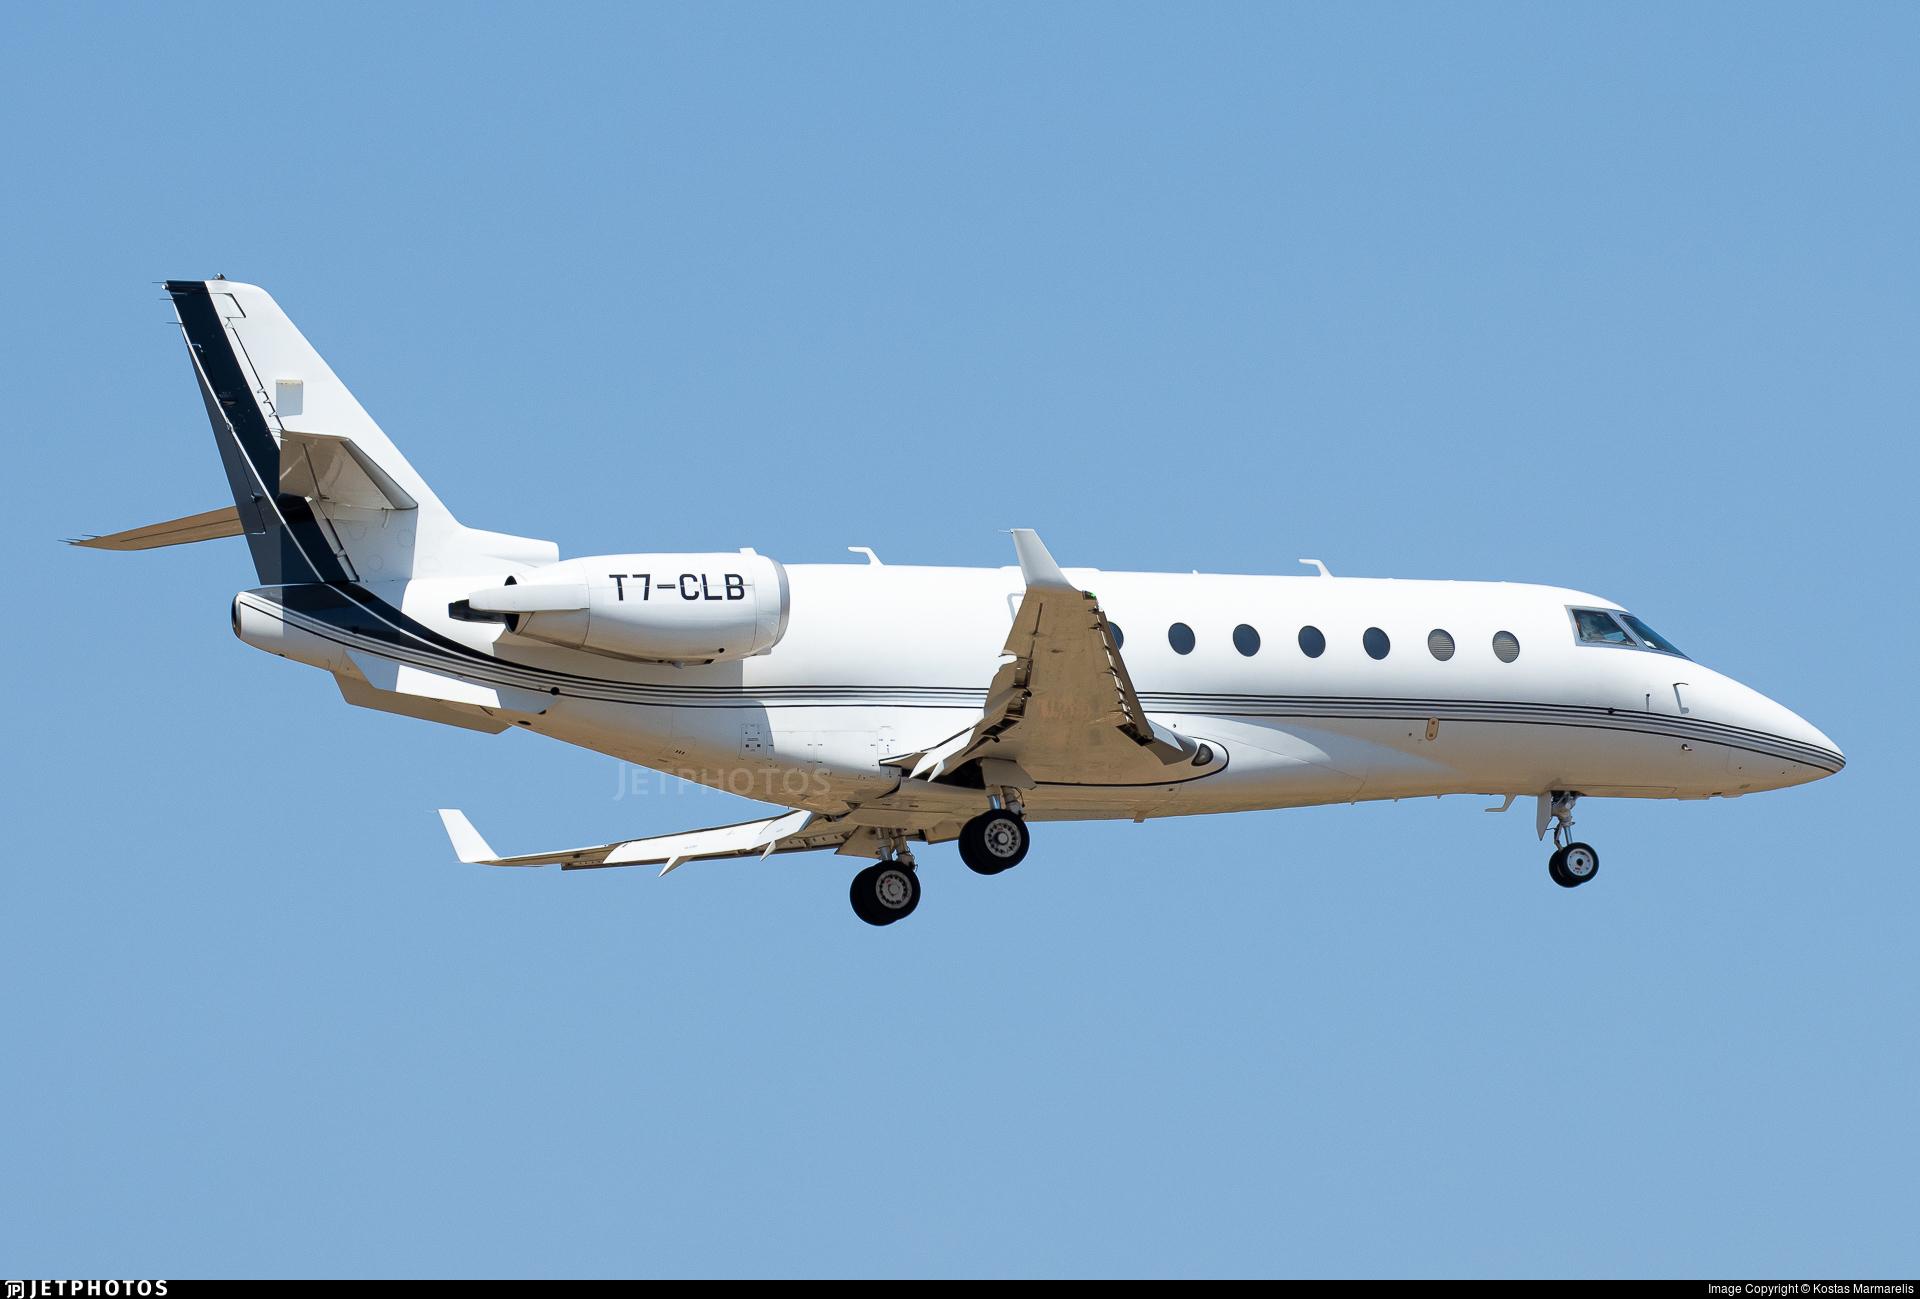 T7-CLB - Gulfstream G200 - Private